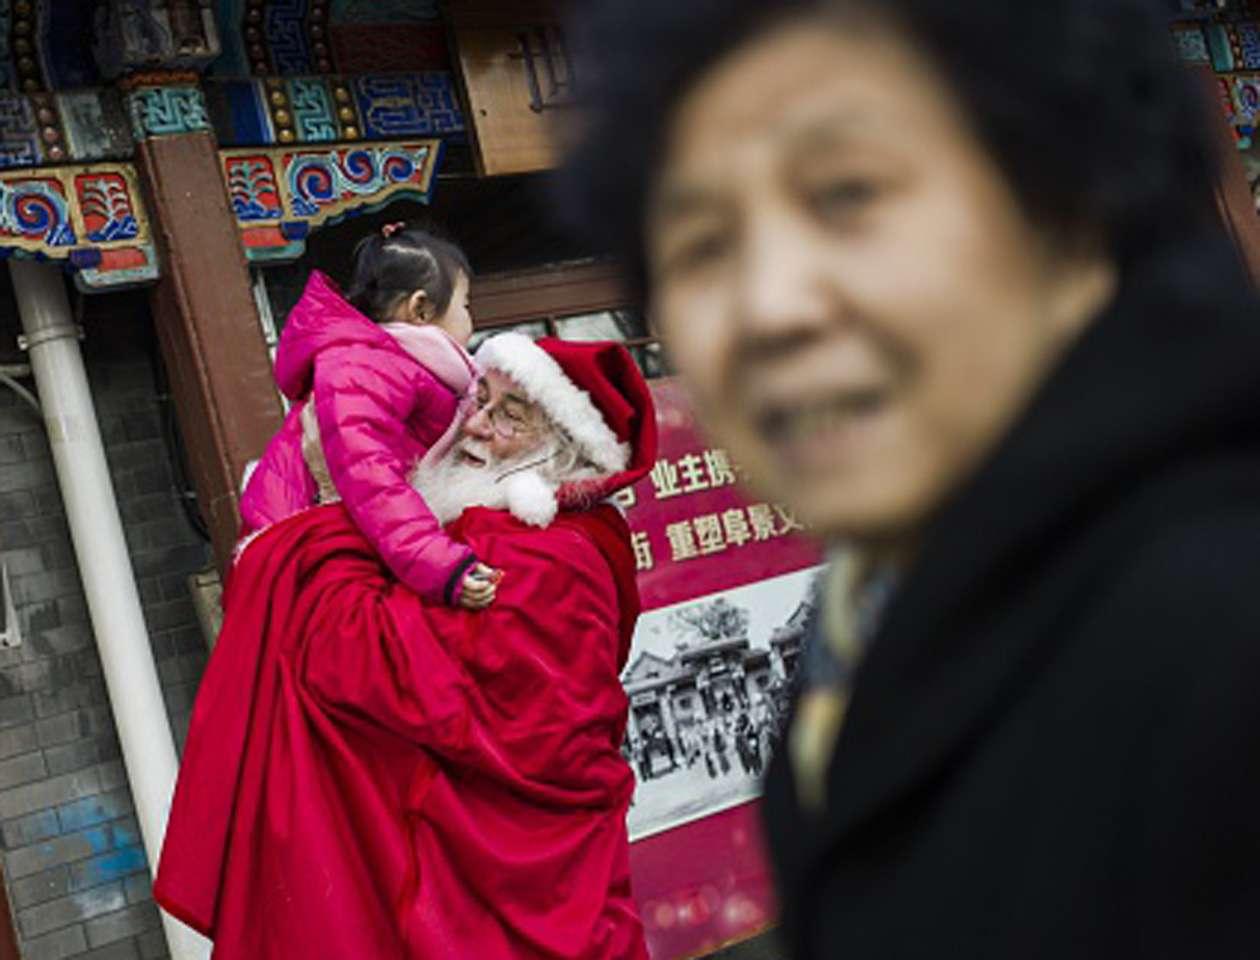 La Navidad ha entrado con fuerza en los últimos años en la cultura china, especialmente a través de los comercios. Imagen de ilustración Foto: FRED DUFOUR/AFP/Archivo